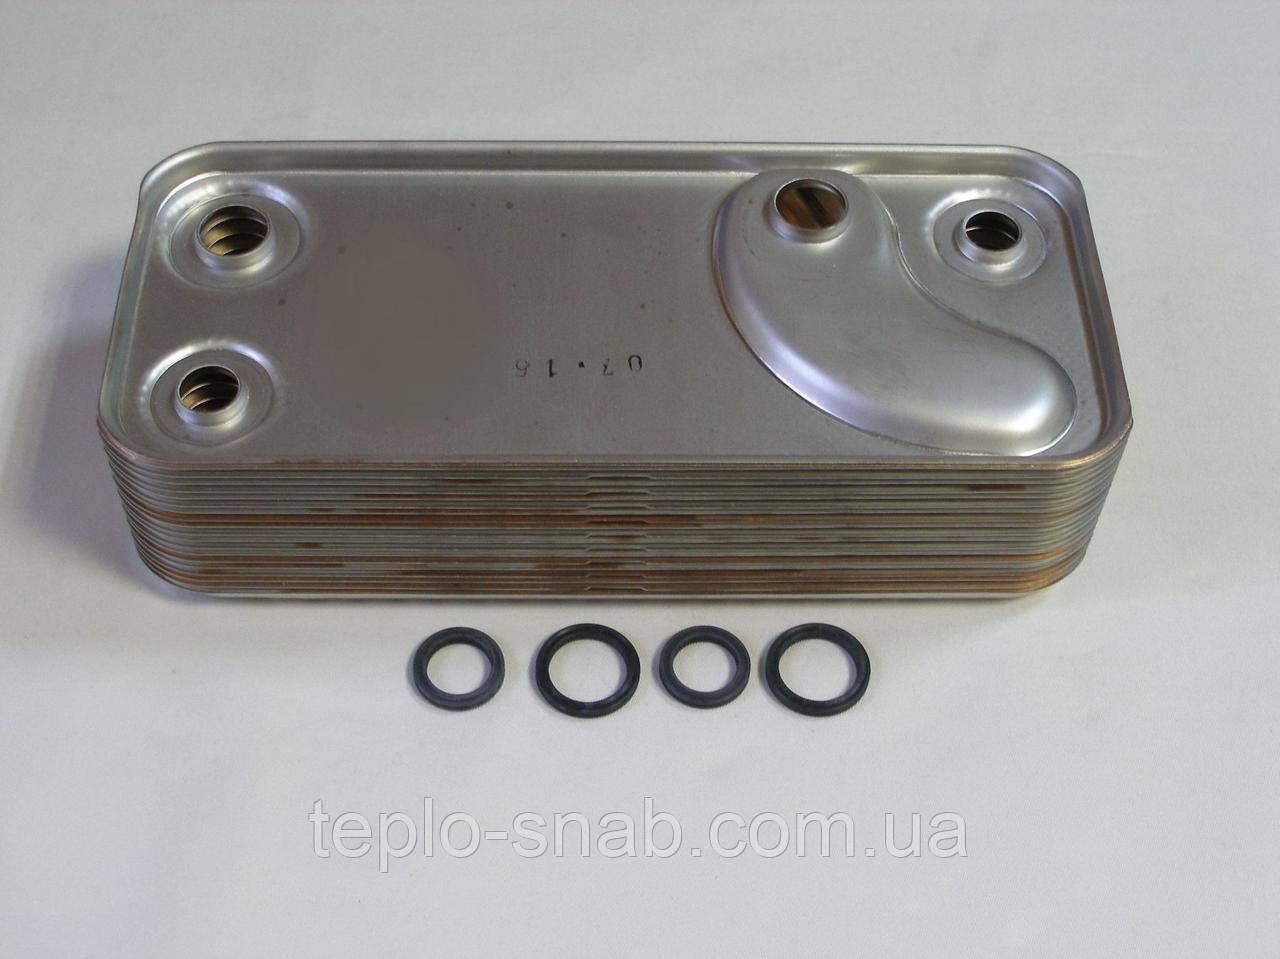 Вторинний теплообмінник газового колта Immergas Major 24, 19 пластин. 3.011261